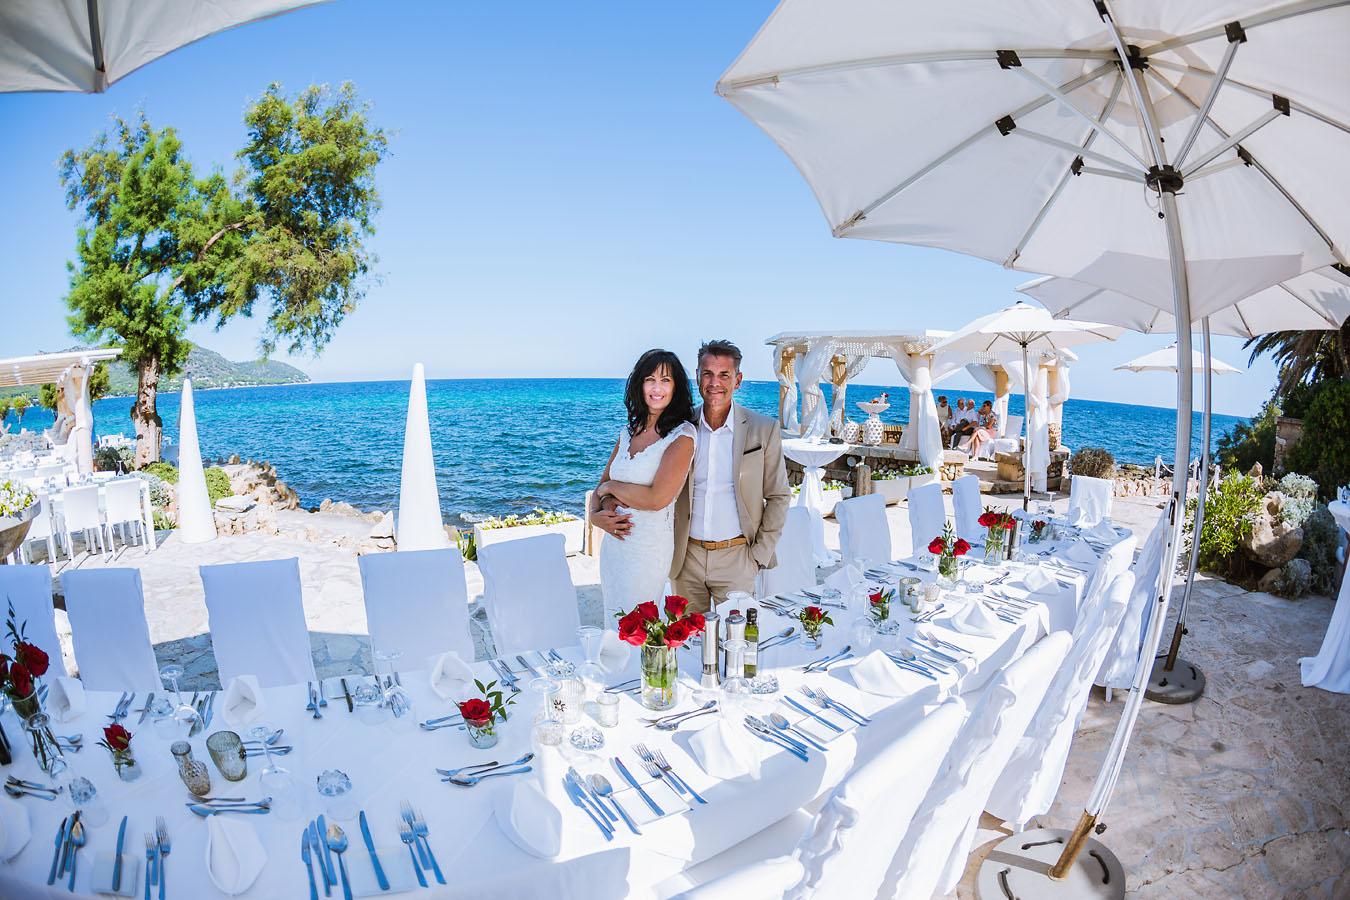 Boda Mallorca Port Ver del Mar Fotografo Hochzeitsfotograf